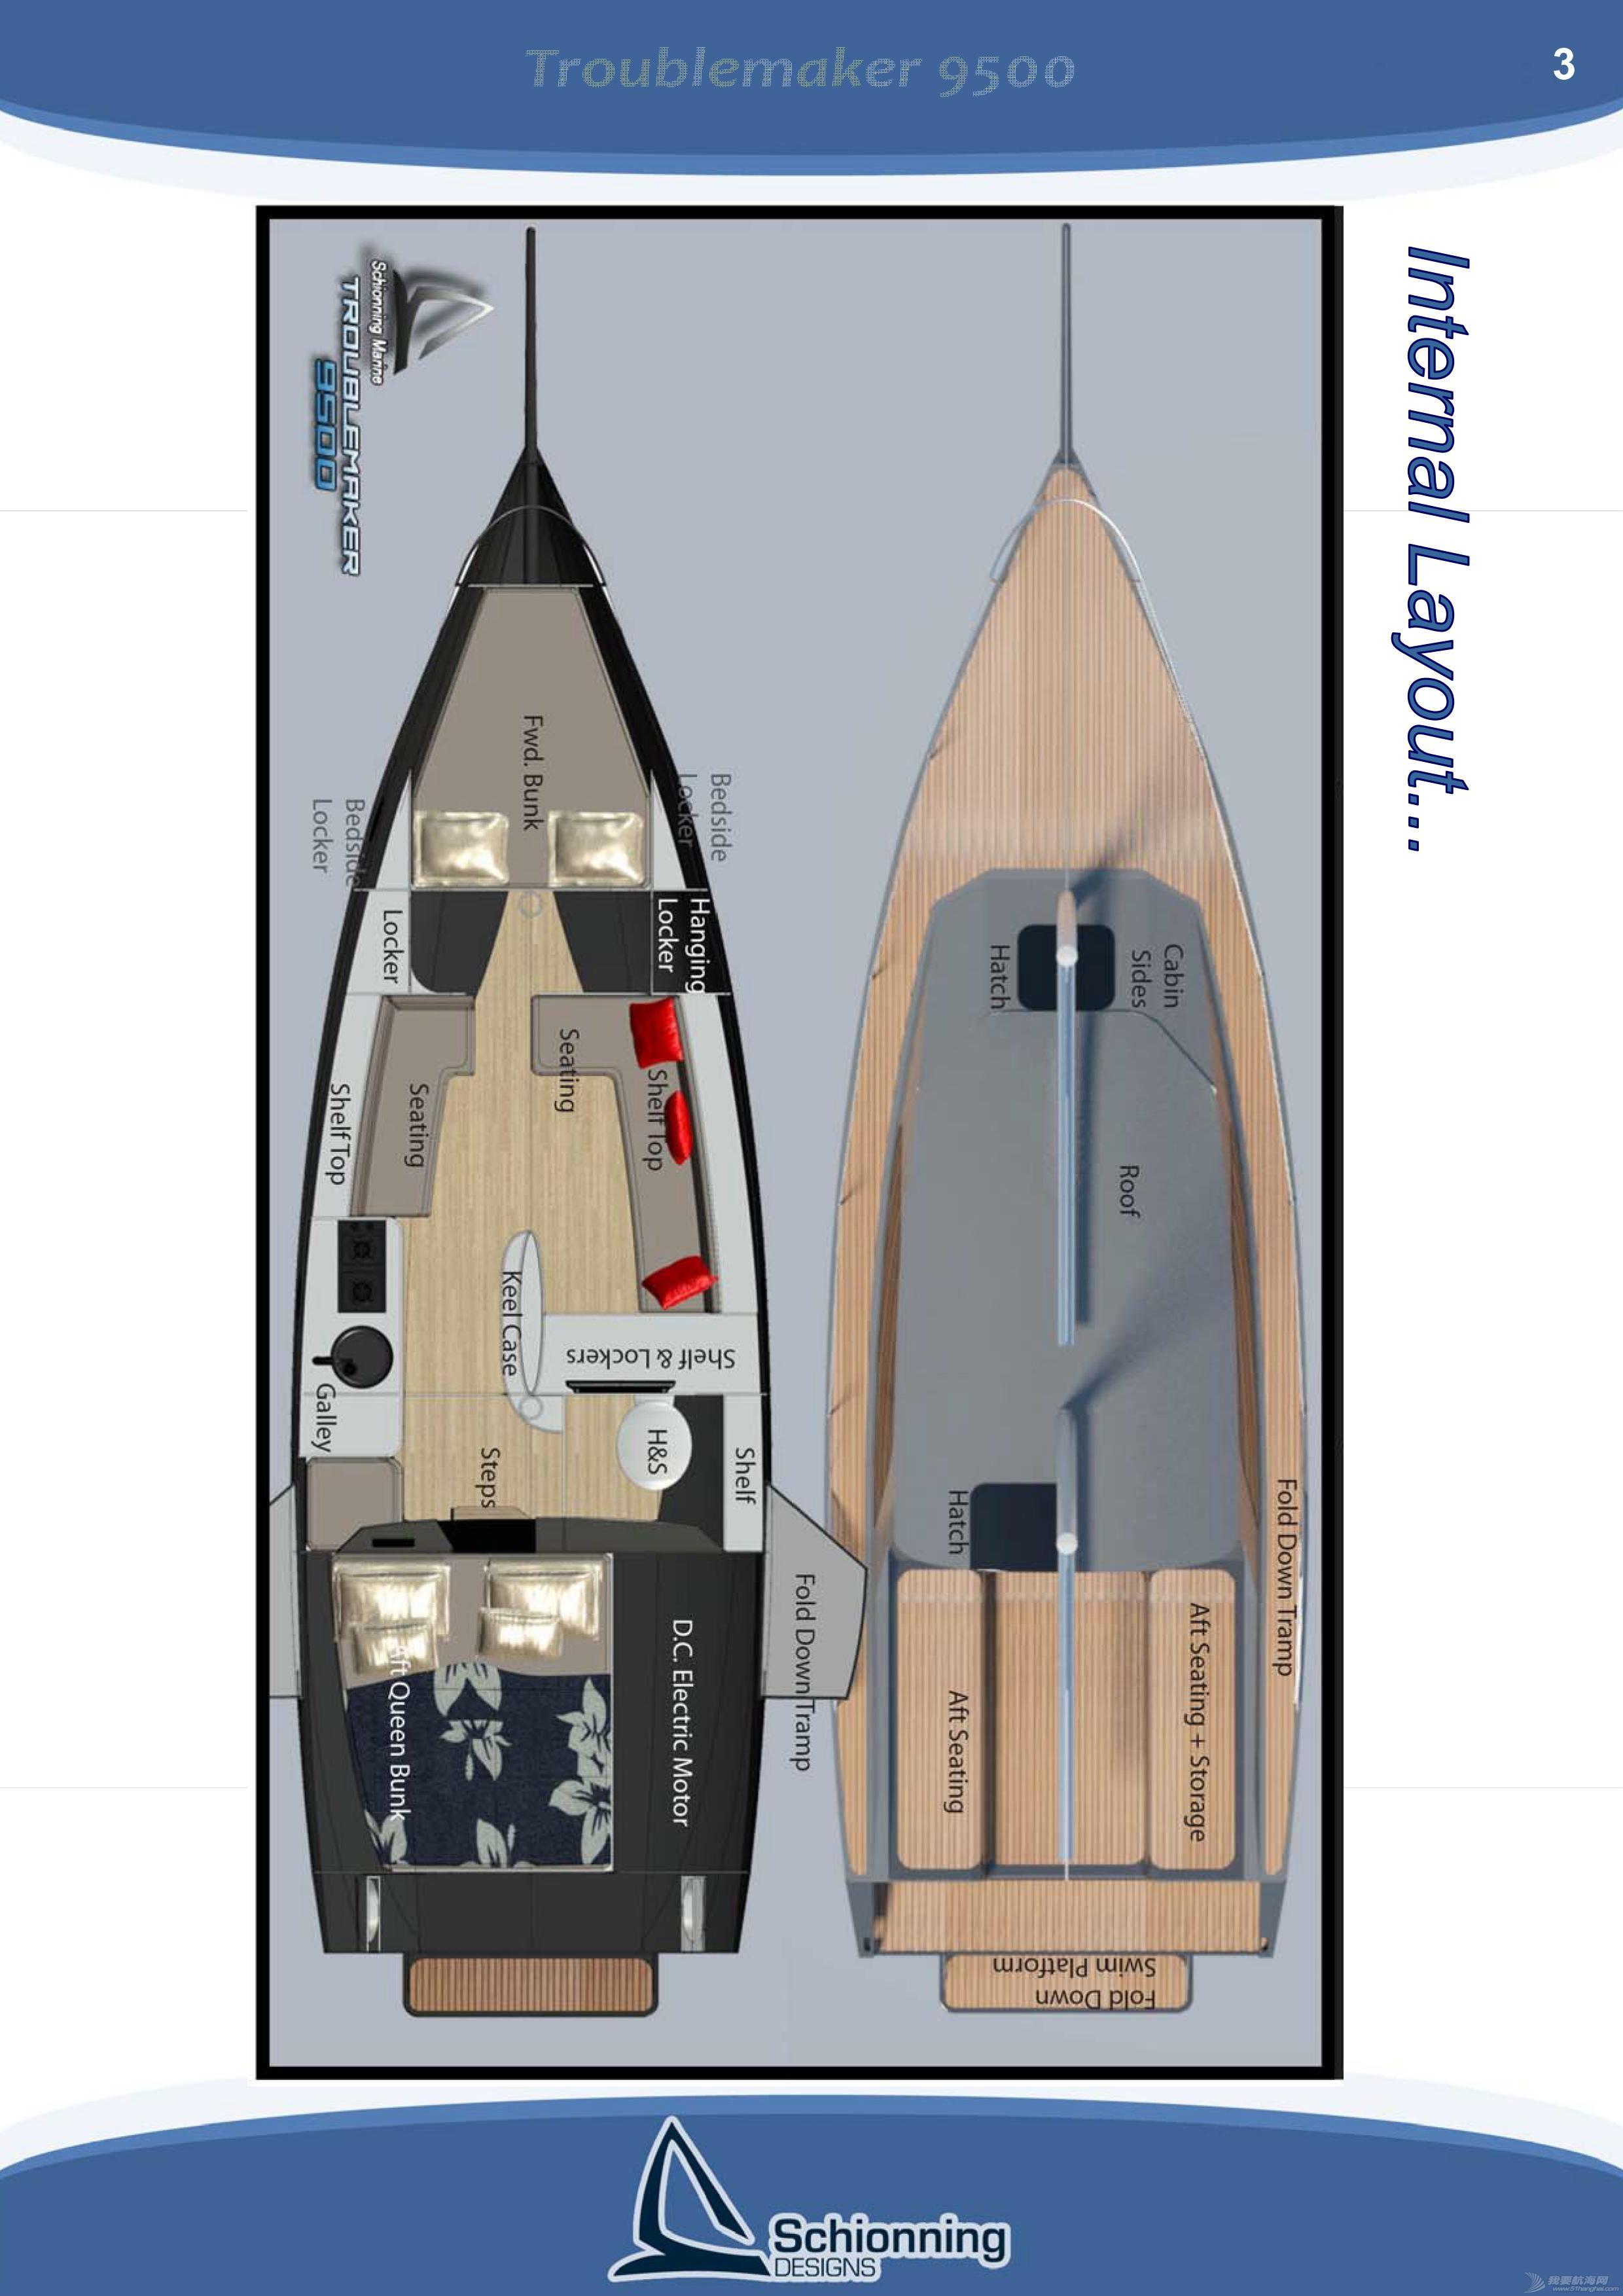 帆船 單體帆船DIY方案-Troublemaker 9500